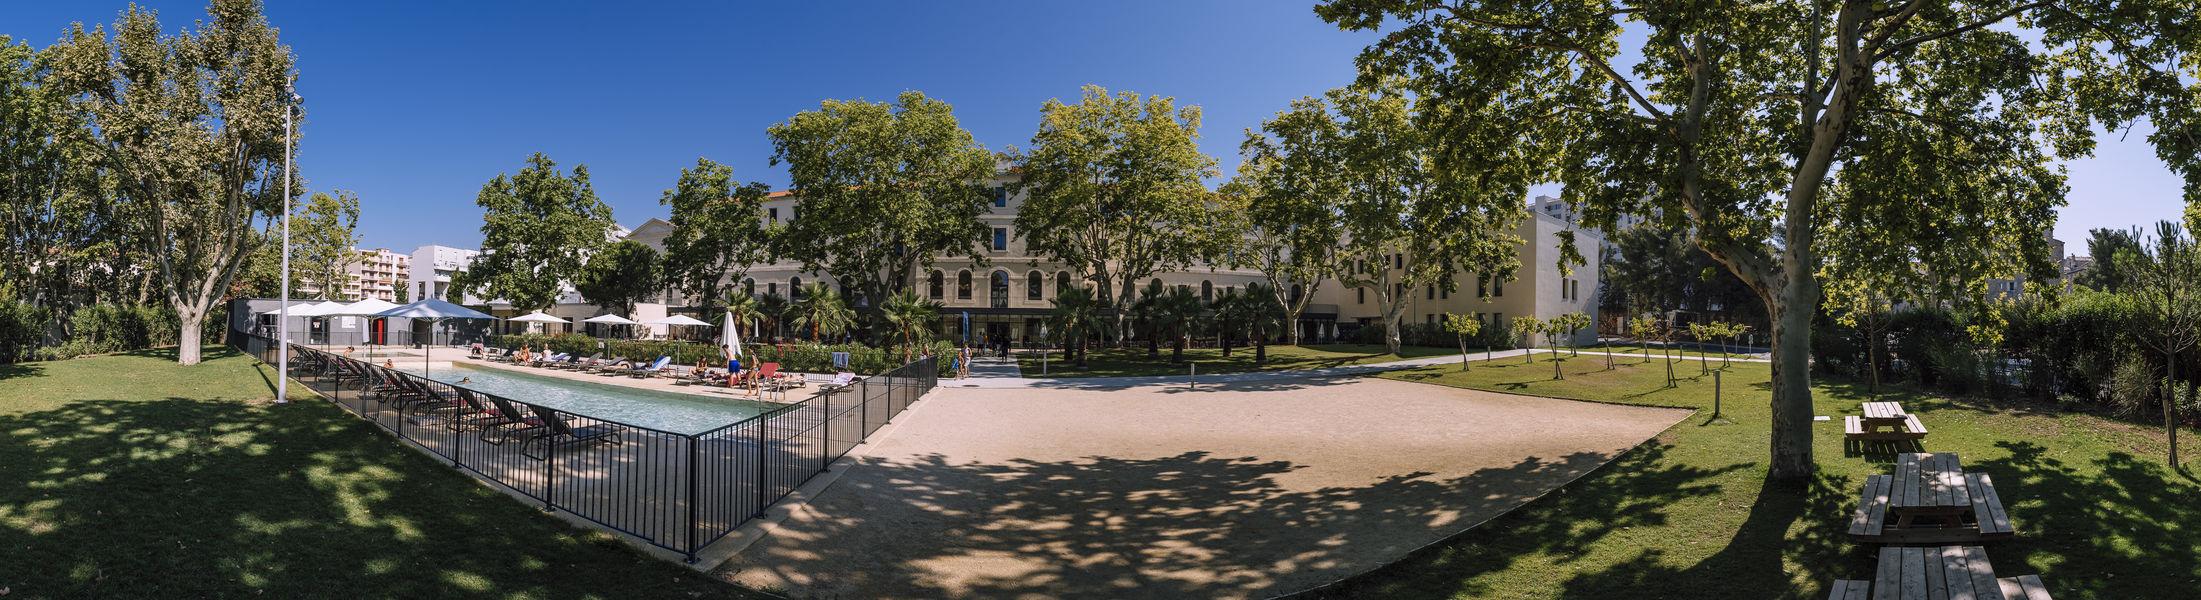 Les Villages clubs du soleil - Marseille   Les Villages clubs du soleil - Marseille